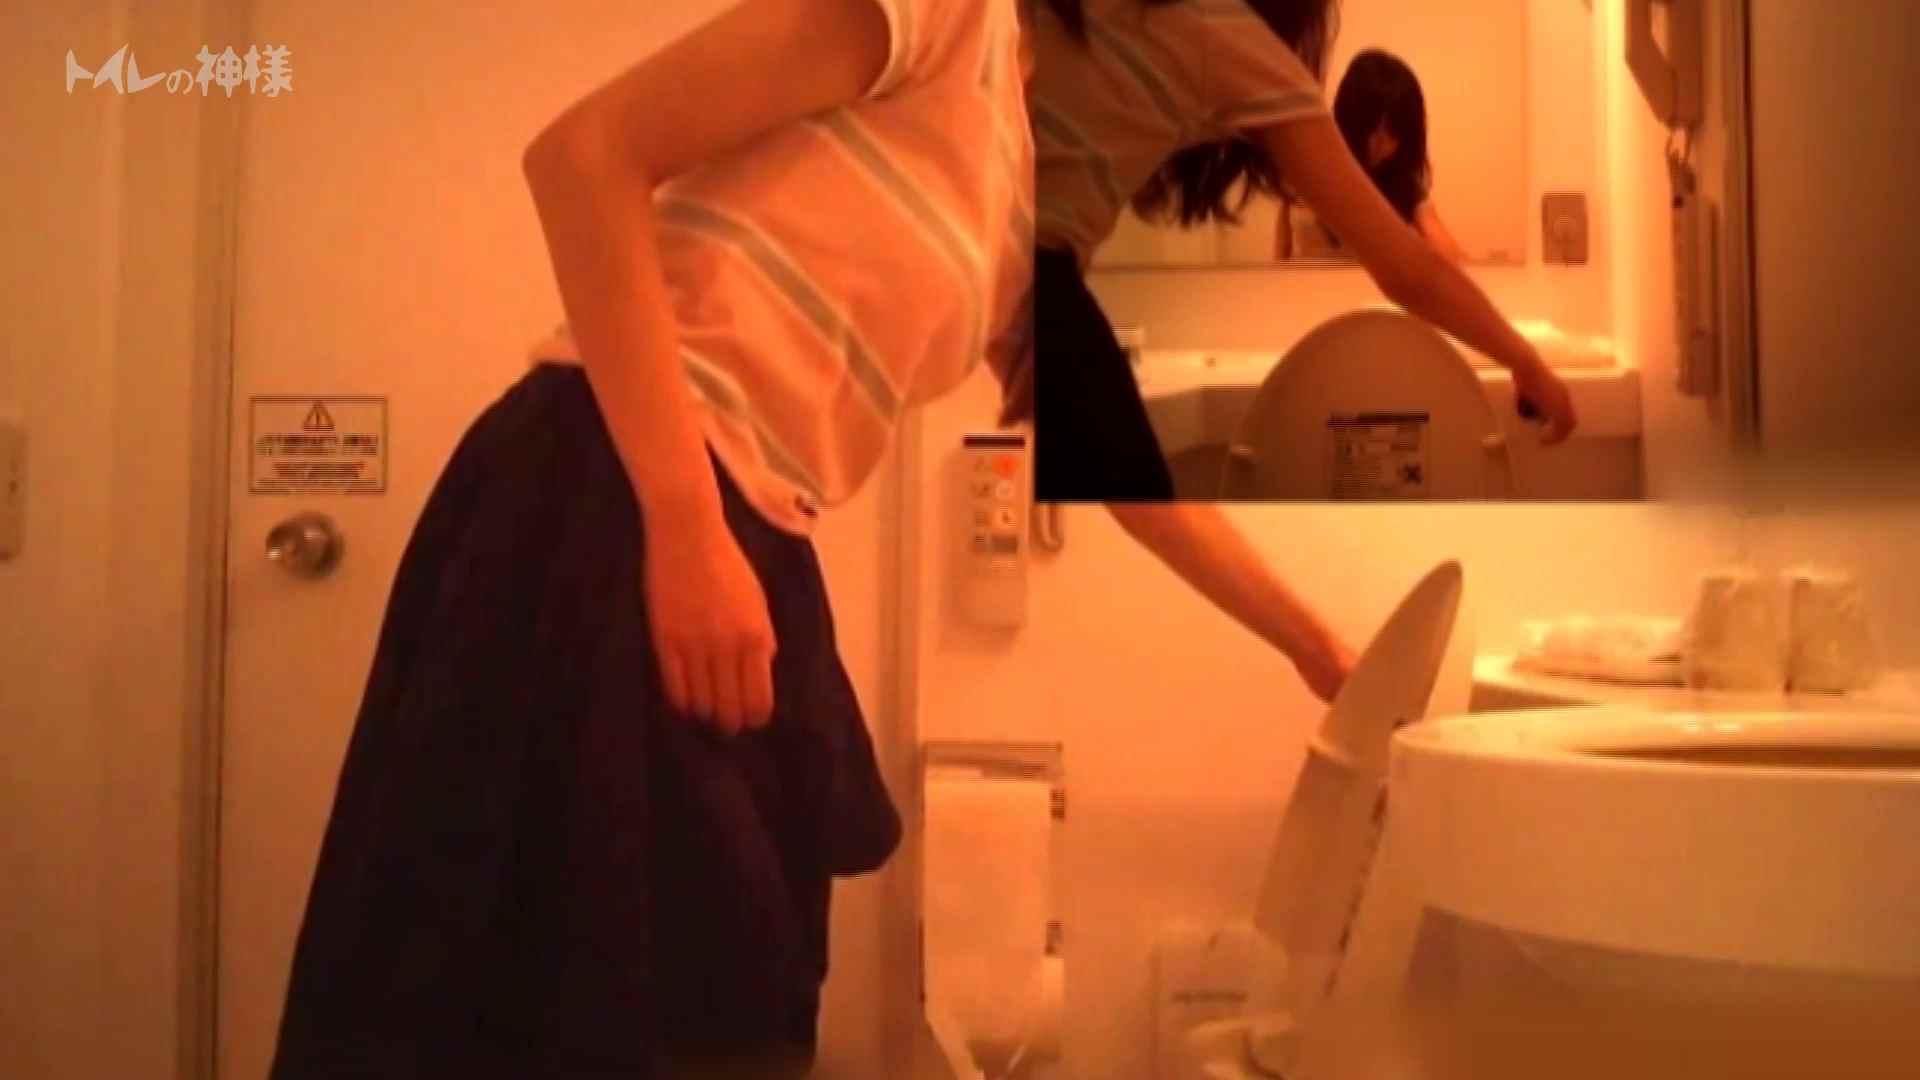 Vol.04 女子大生のトイレ恥態 トイレで・・・ ぱこり動画紹介 89画像 64